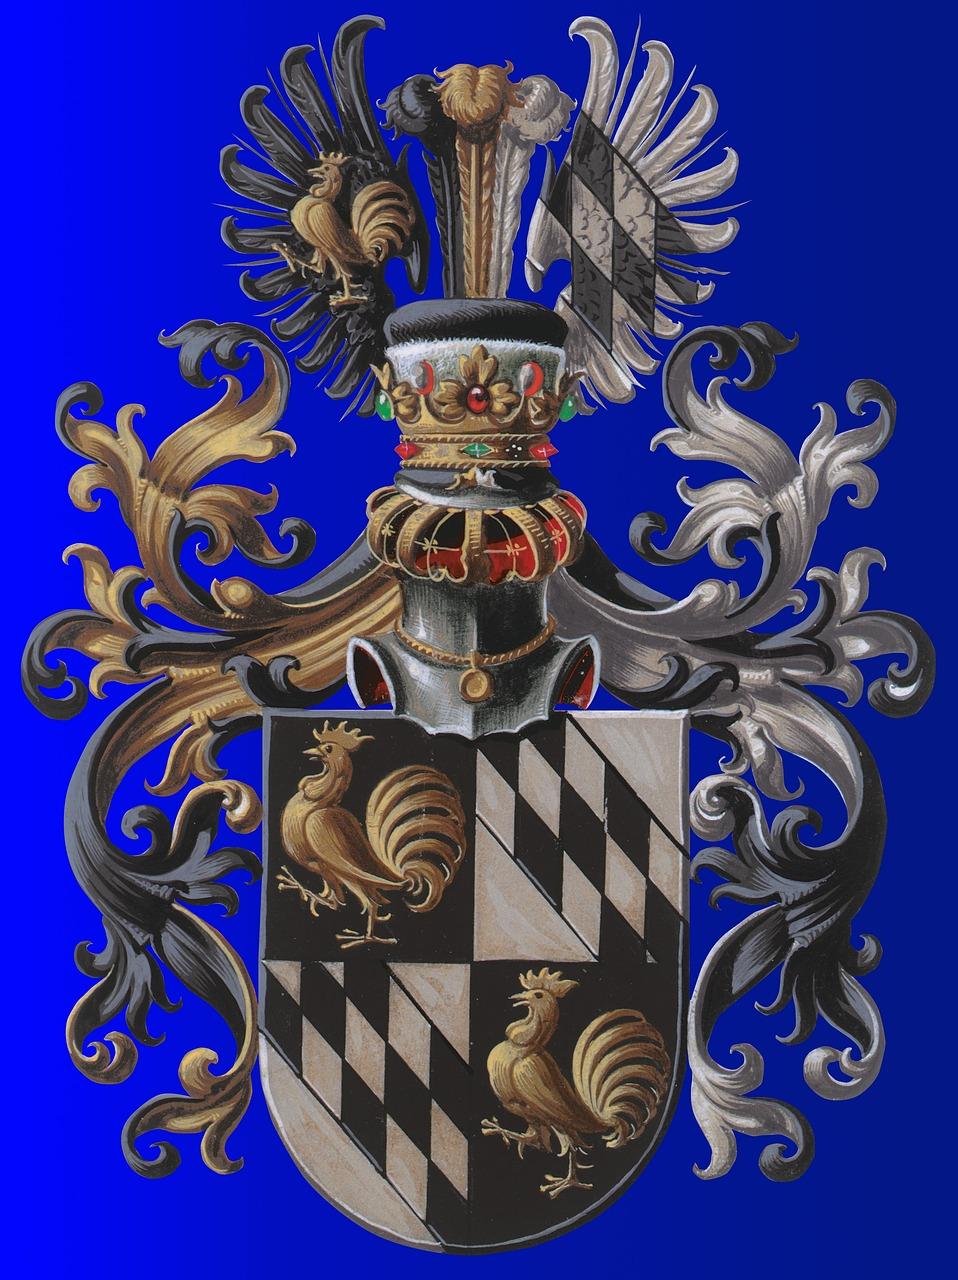 это только картинки европейские гербы отличие клиньев закладок